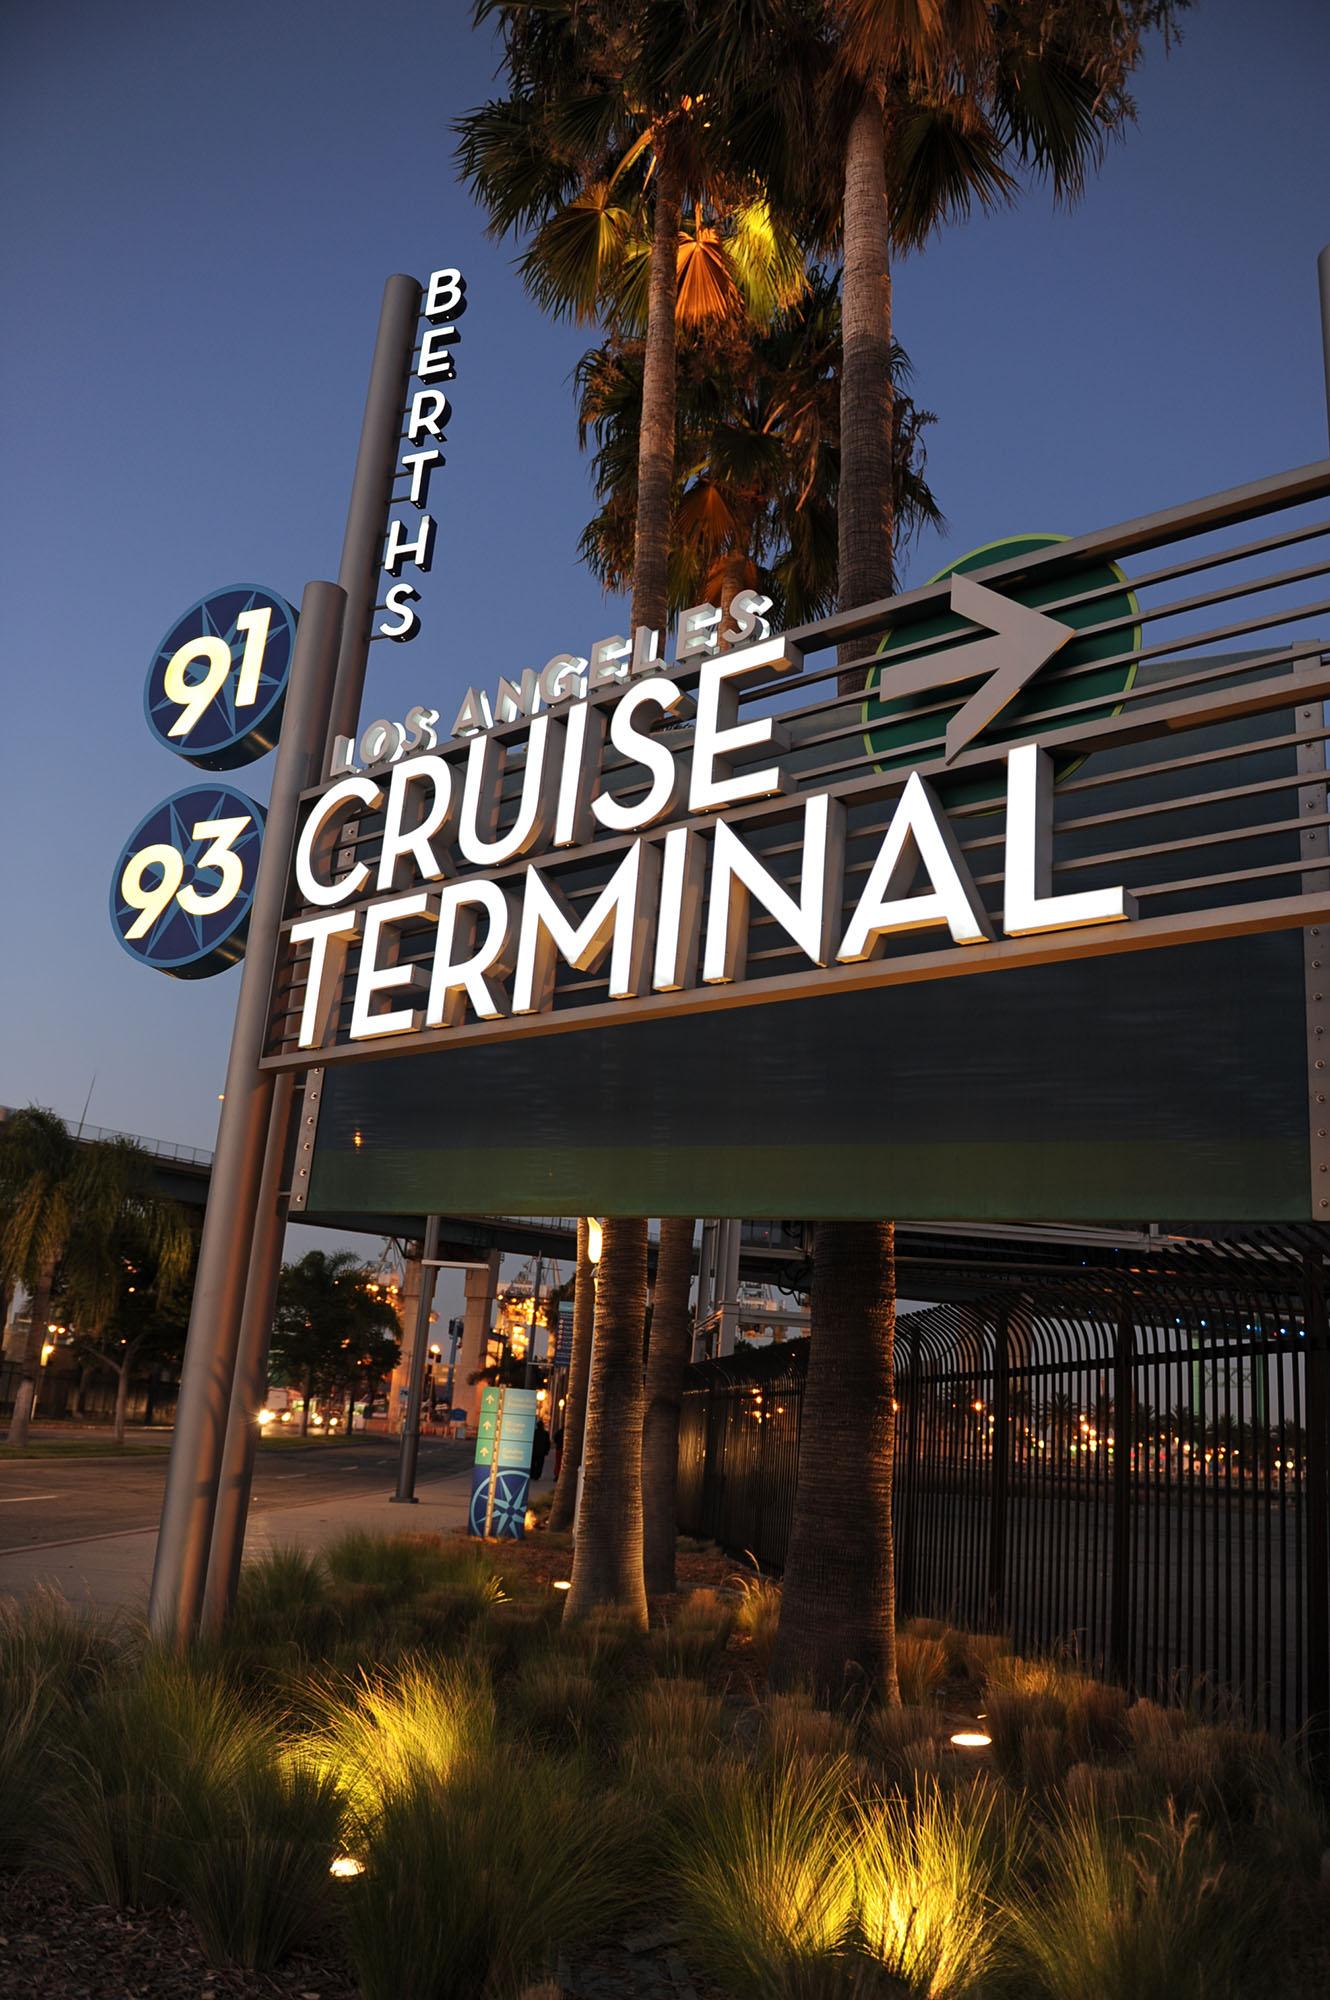 洛杉矶港口海滨长廊标识系统设计©Selbert Perkins Design